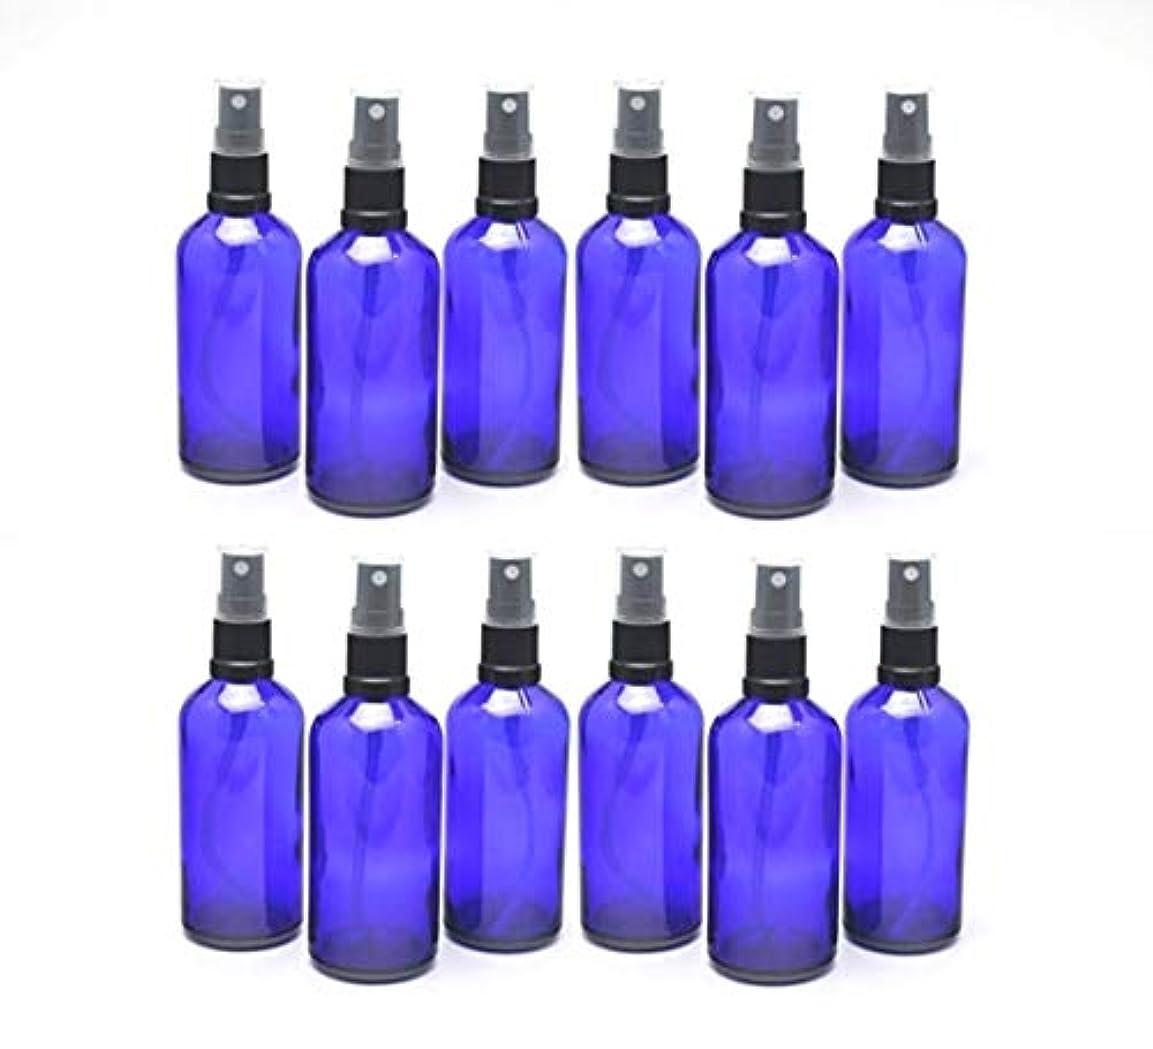 遮光瓶 スプレーボトル 100ml / コバルトブルー ?ブラックヘッド (グラス/アトマイザー) 【新品アウトレット商品 】 (4) 12本セット)